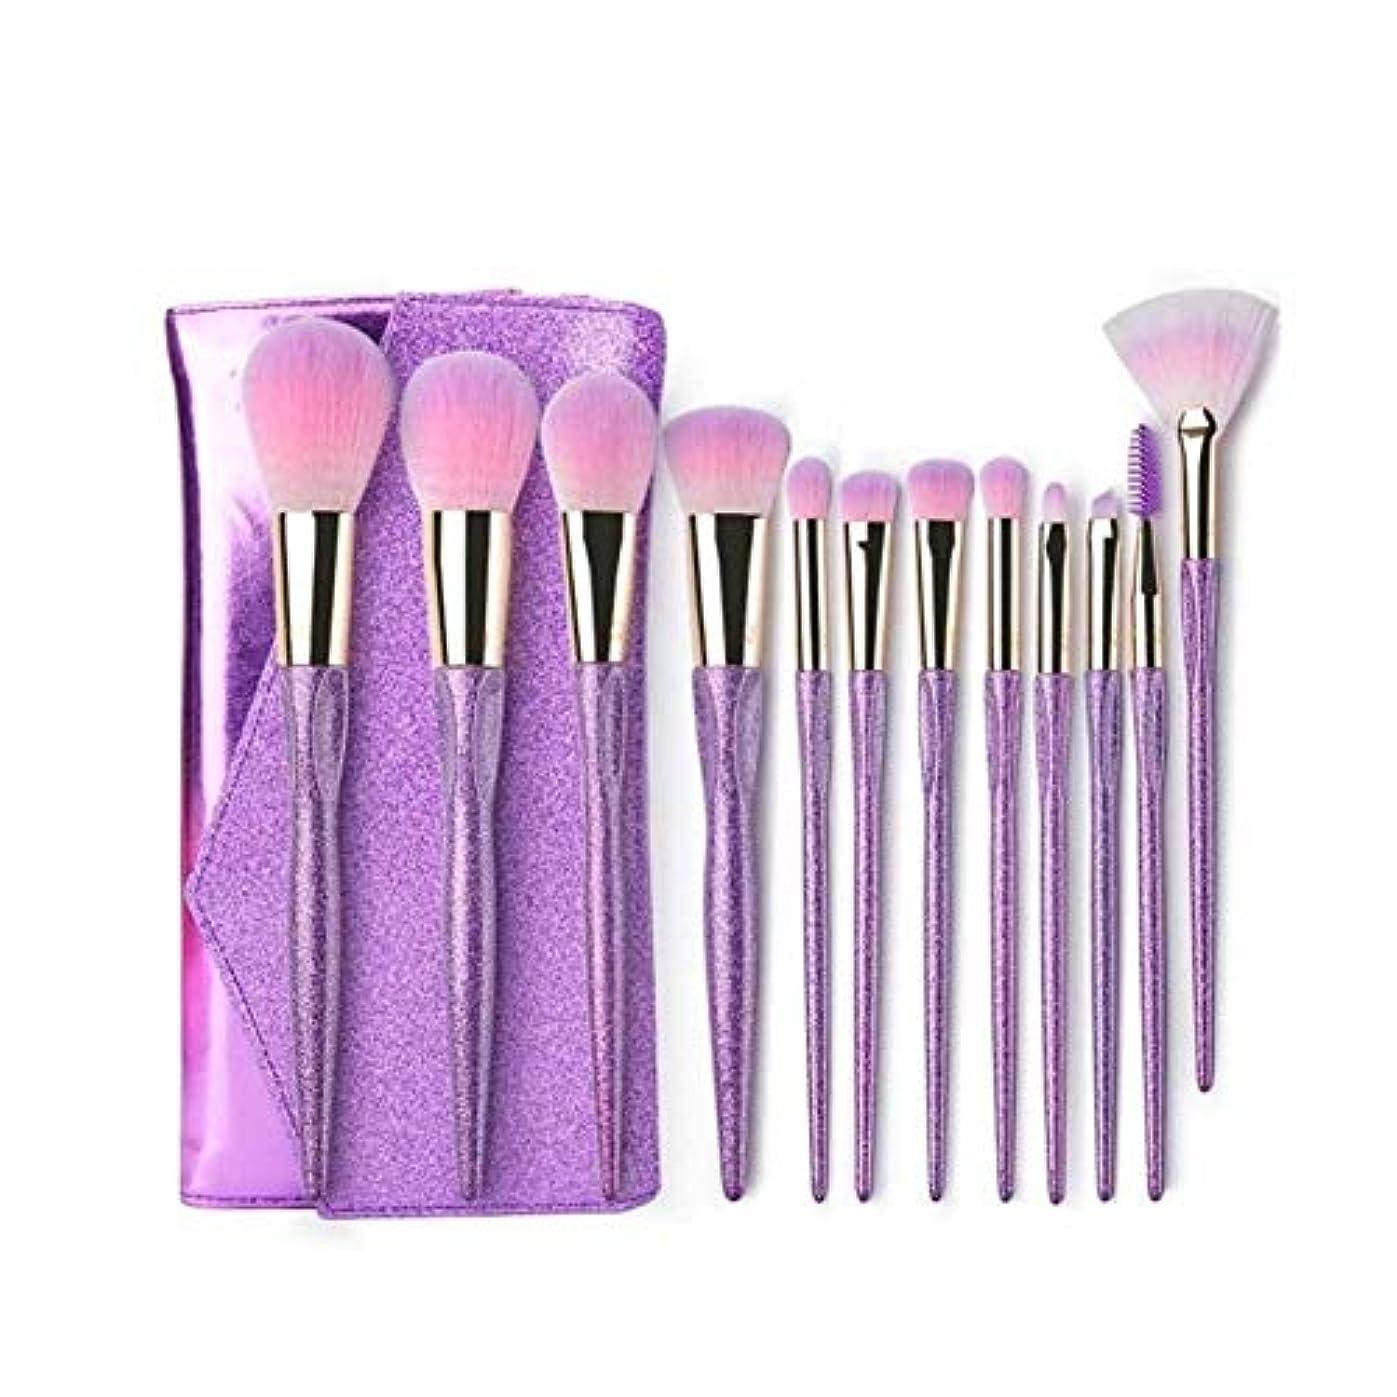 告発者私達メルボルンTUOFL メイクブラシ、12メイクブラシセット、財団ブラシ高光沢ブラシアイシャドウブラシまつげカールセット、初心者メイクブラシ、ソフトで快適な (Color : Purple)